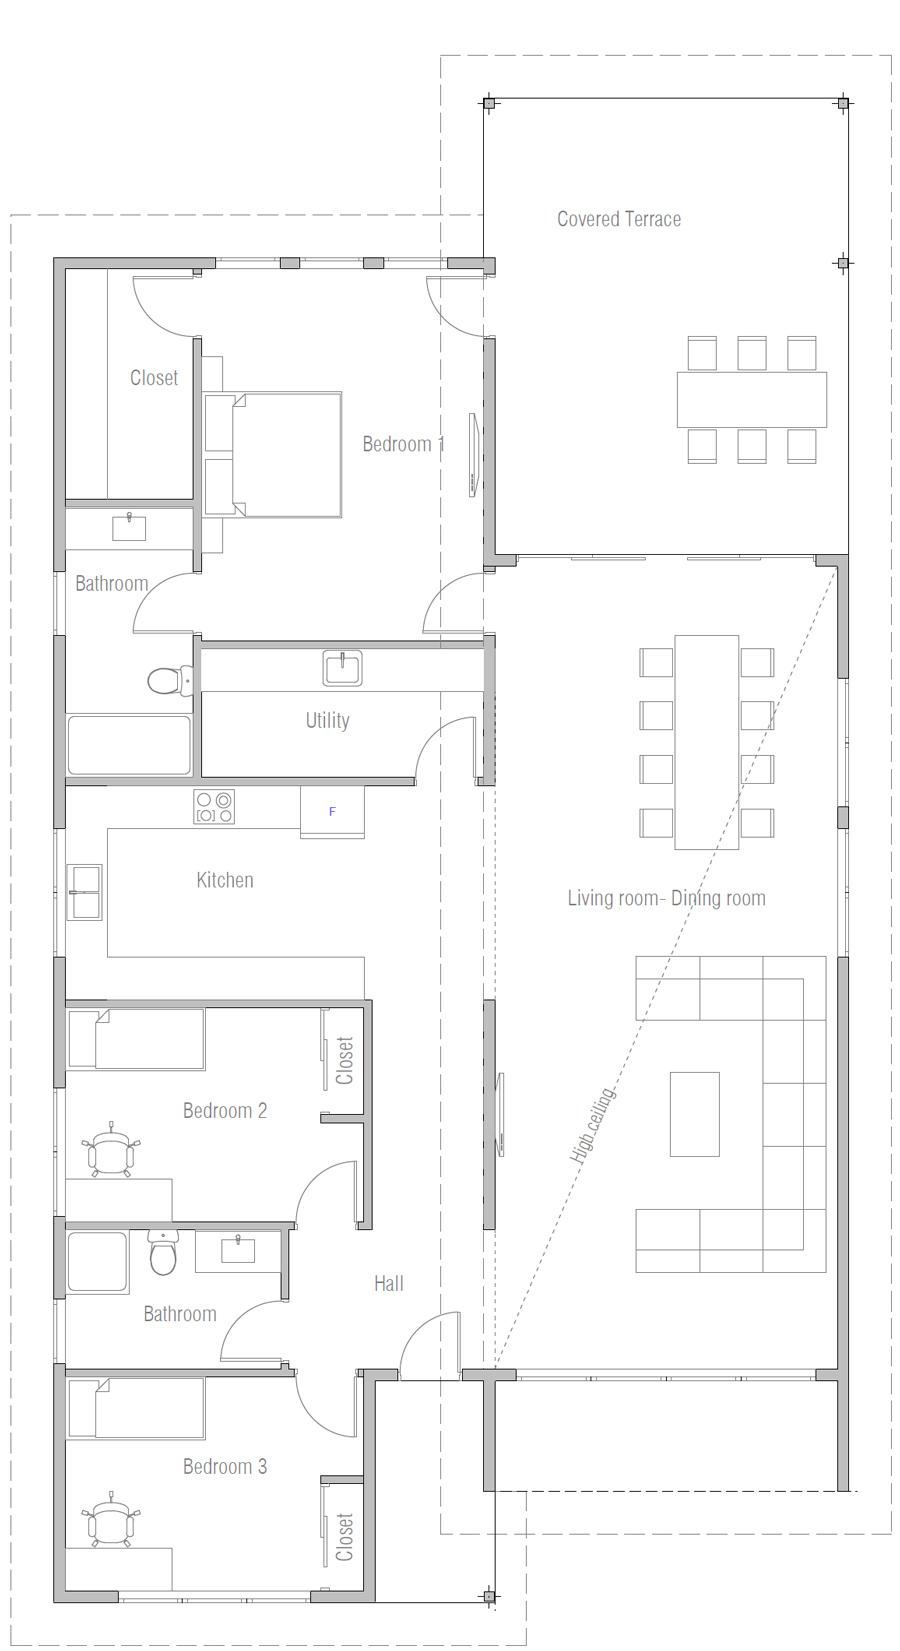 house-plans-2020_10_CH614_floor_plan.jpg